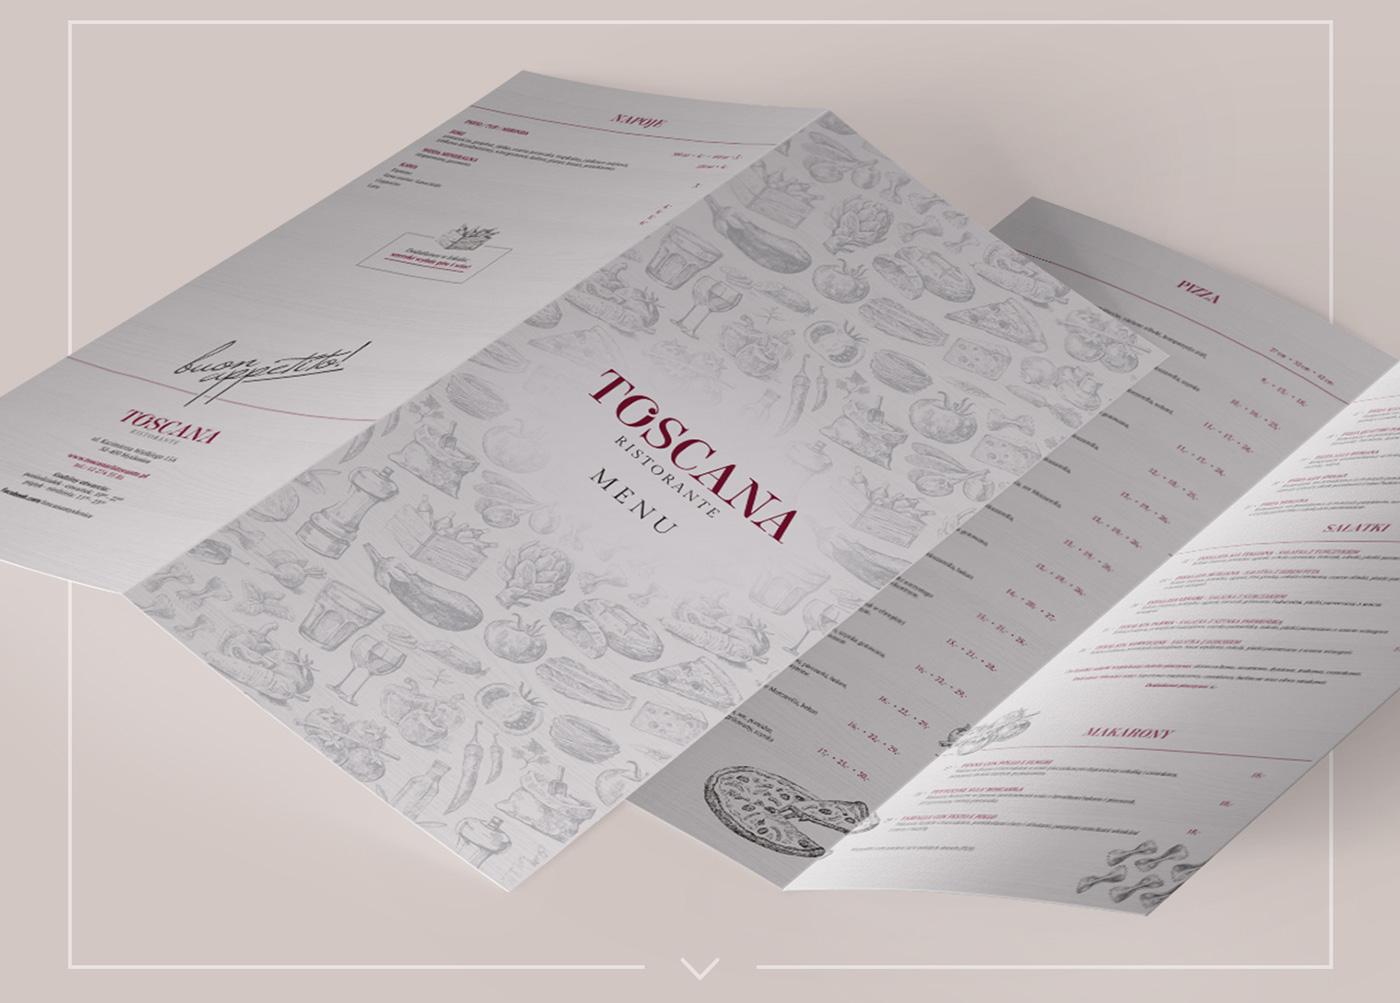 logo mark restaurant ristorante Pizza Pasta italian package fresh toscana Italy